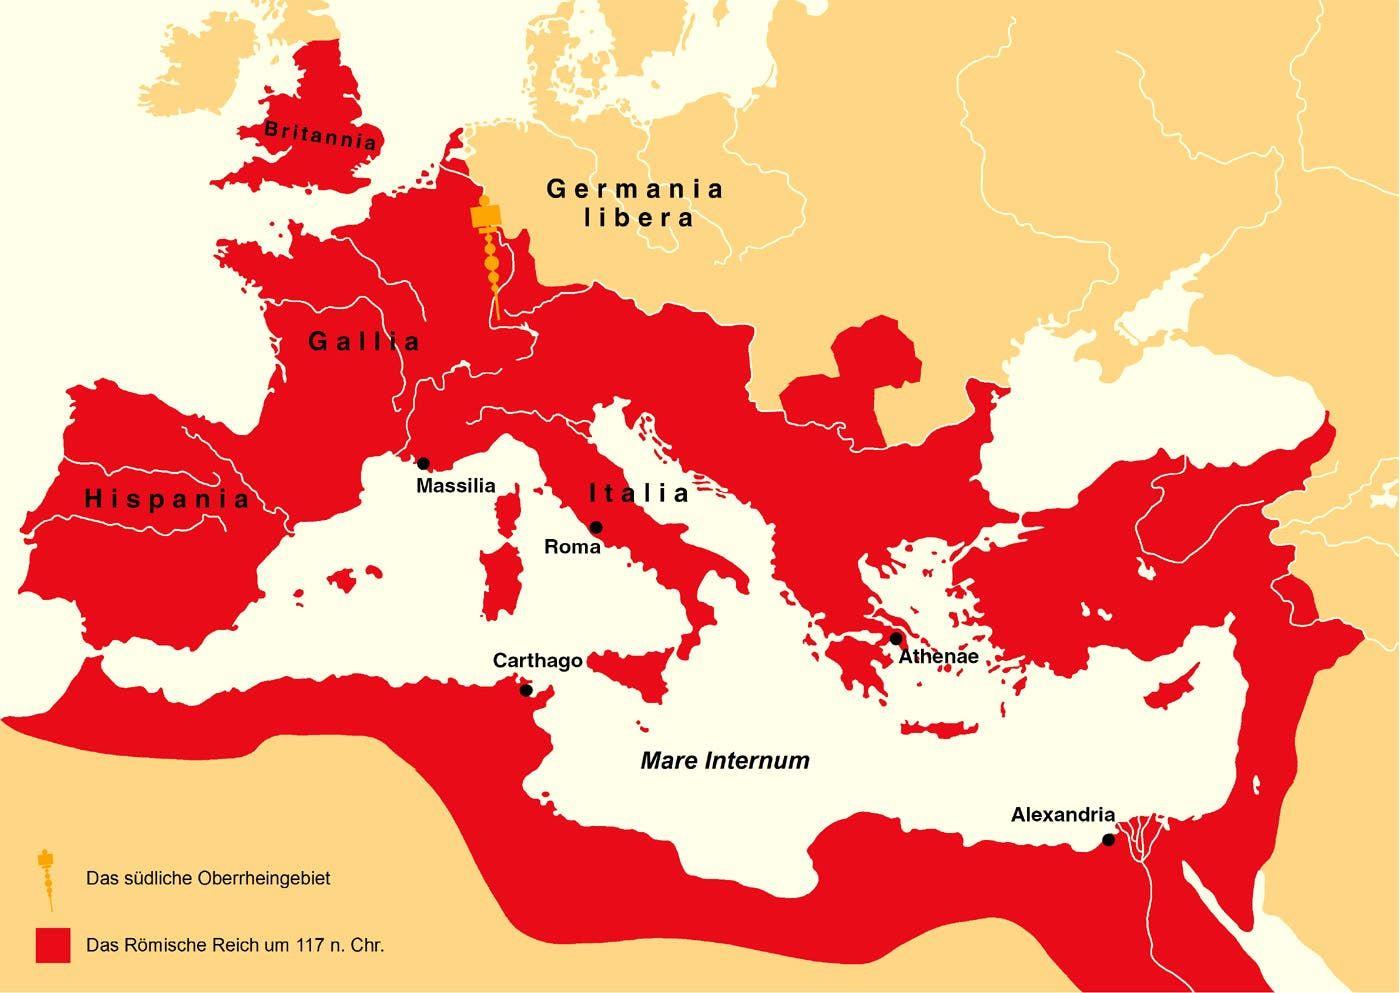 خريطة الإمبراطورية الرومانية خلال أوج توسعها